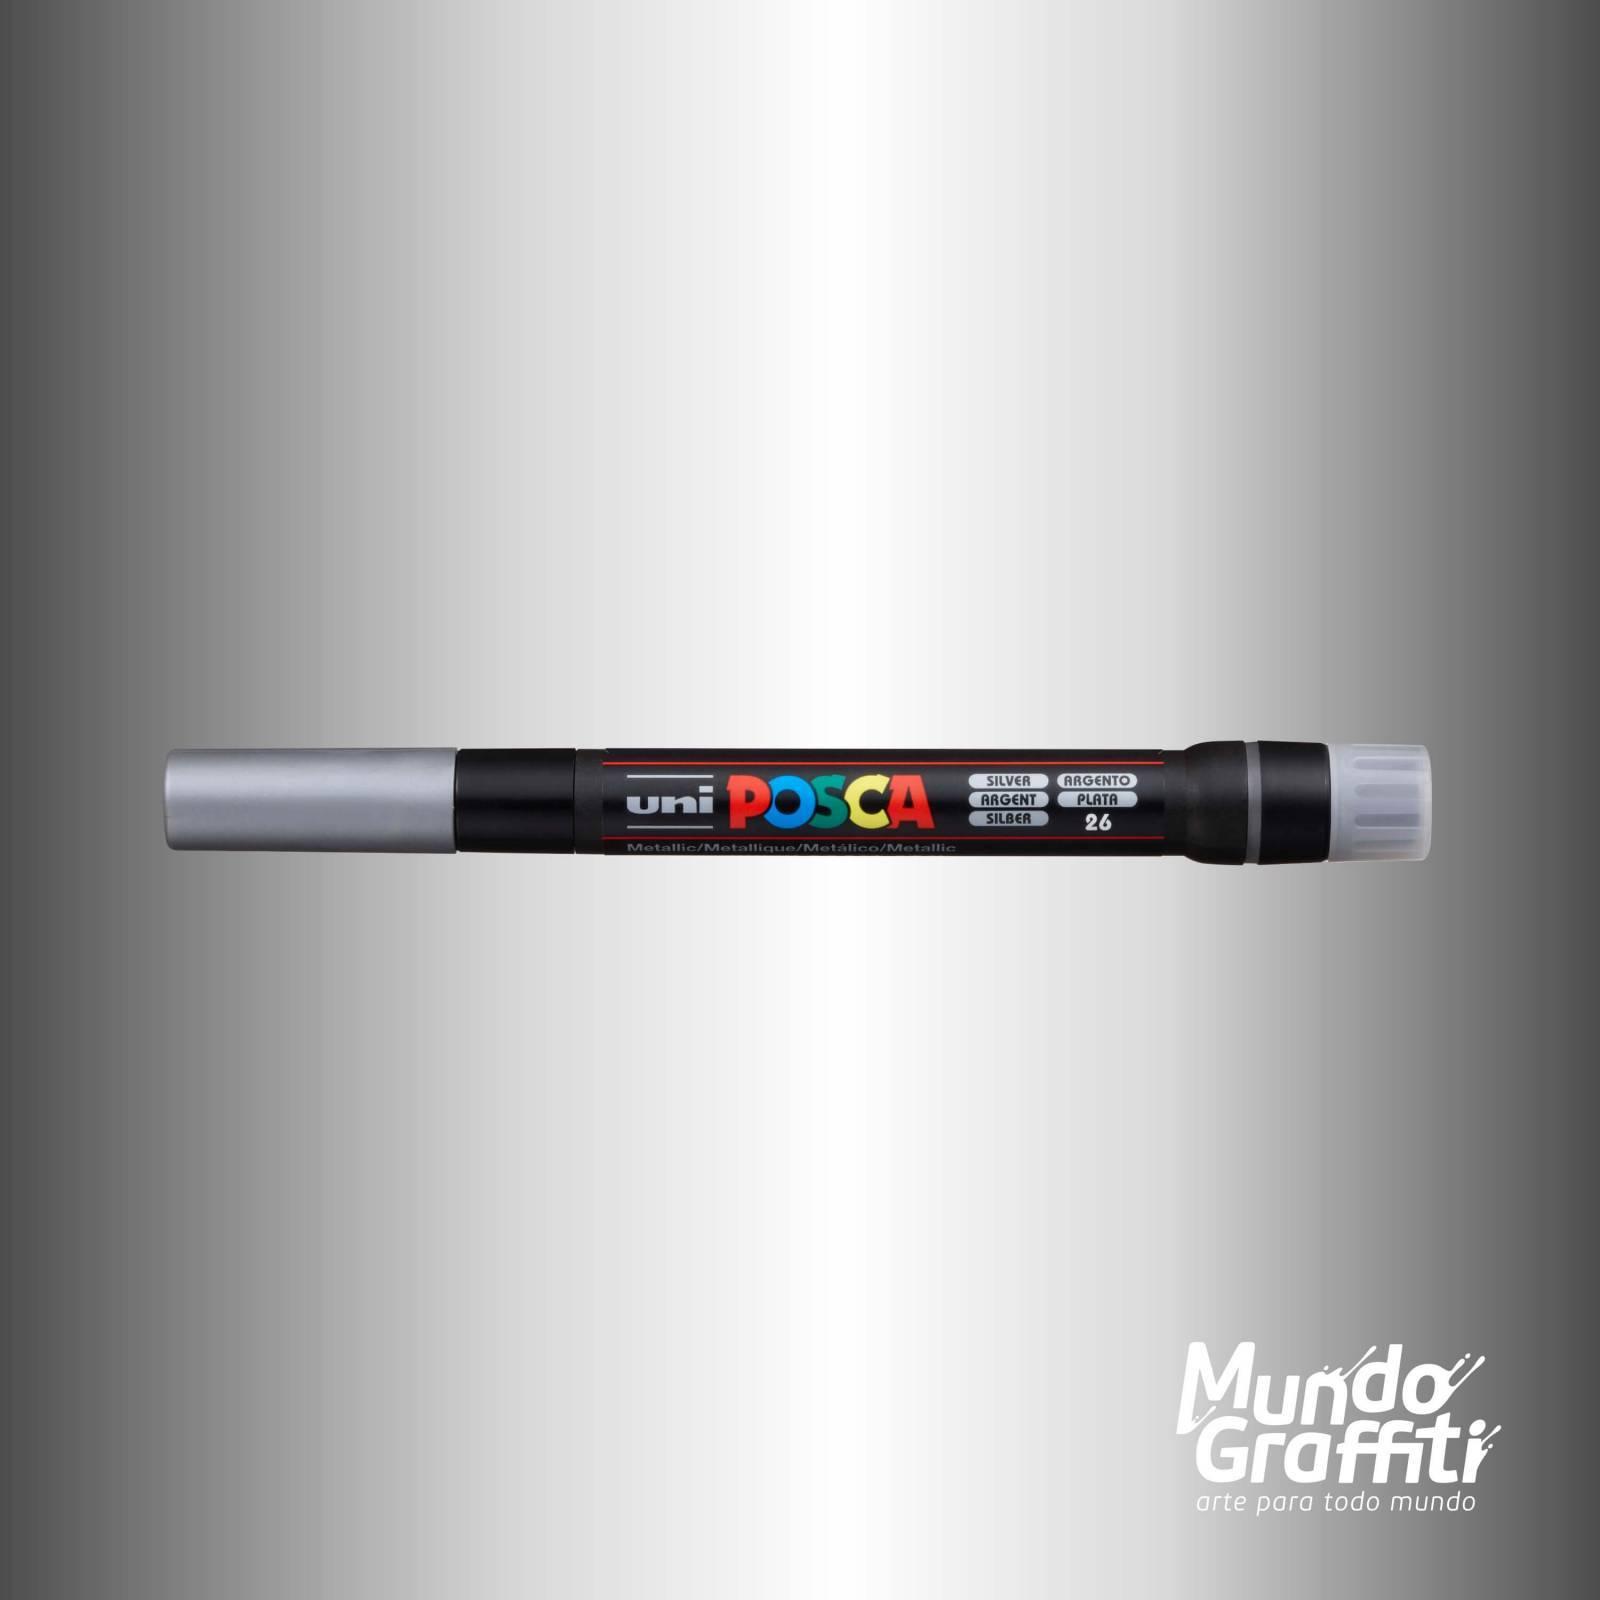 Caneta Brush Posca PCF 350 Prata - Mundo Graffiti